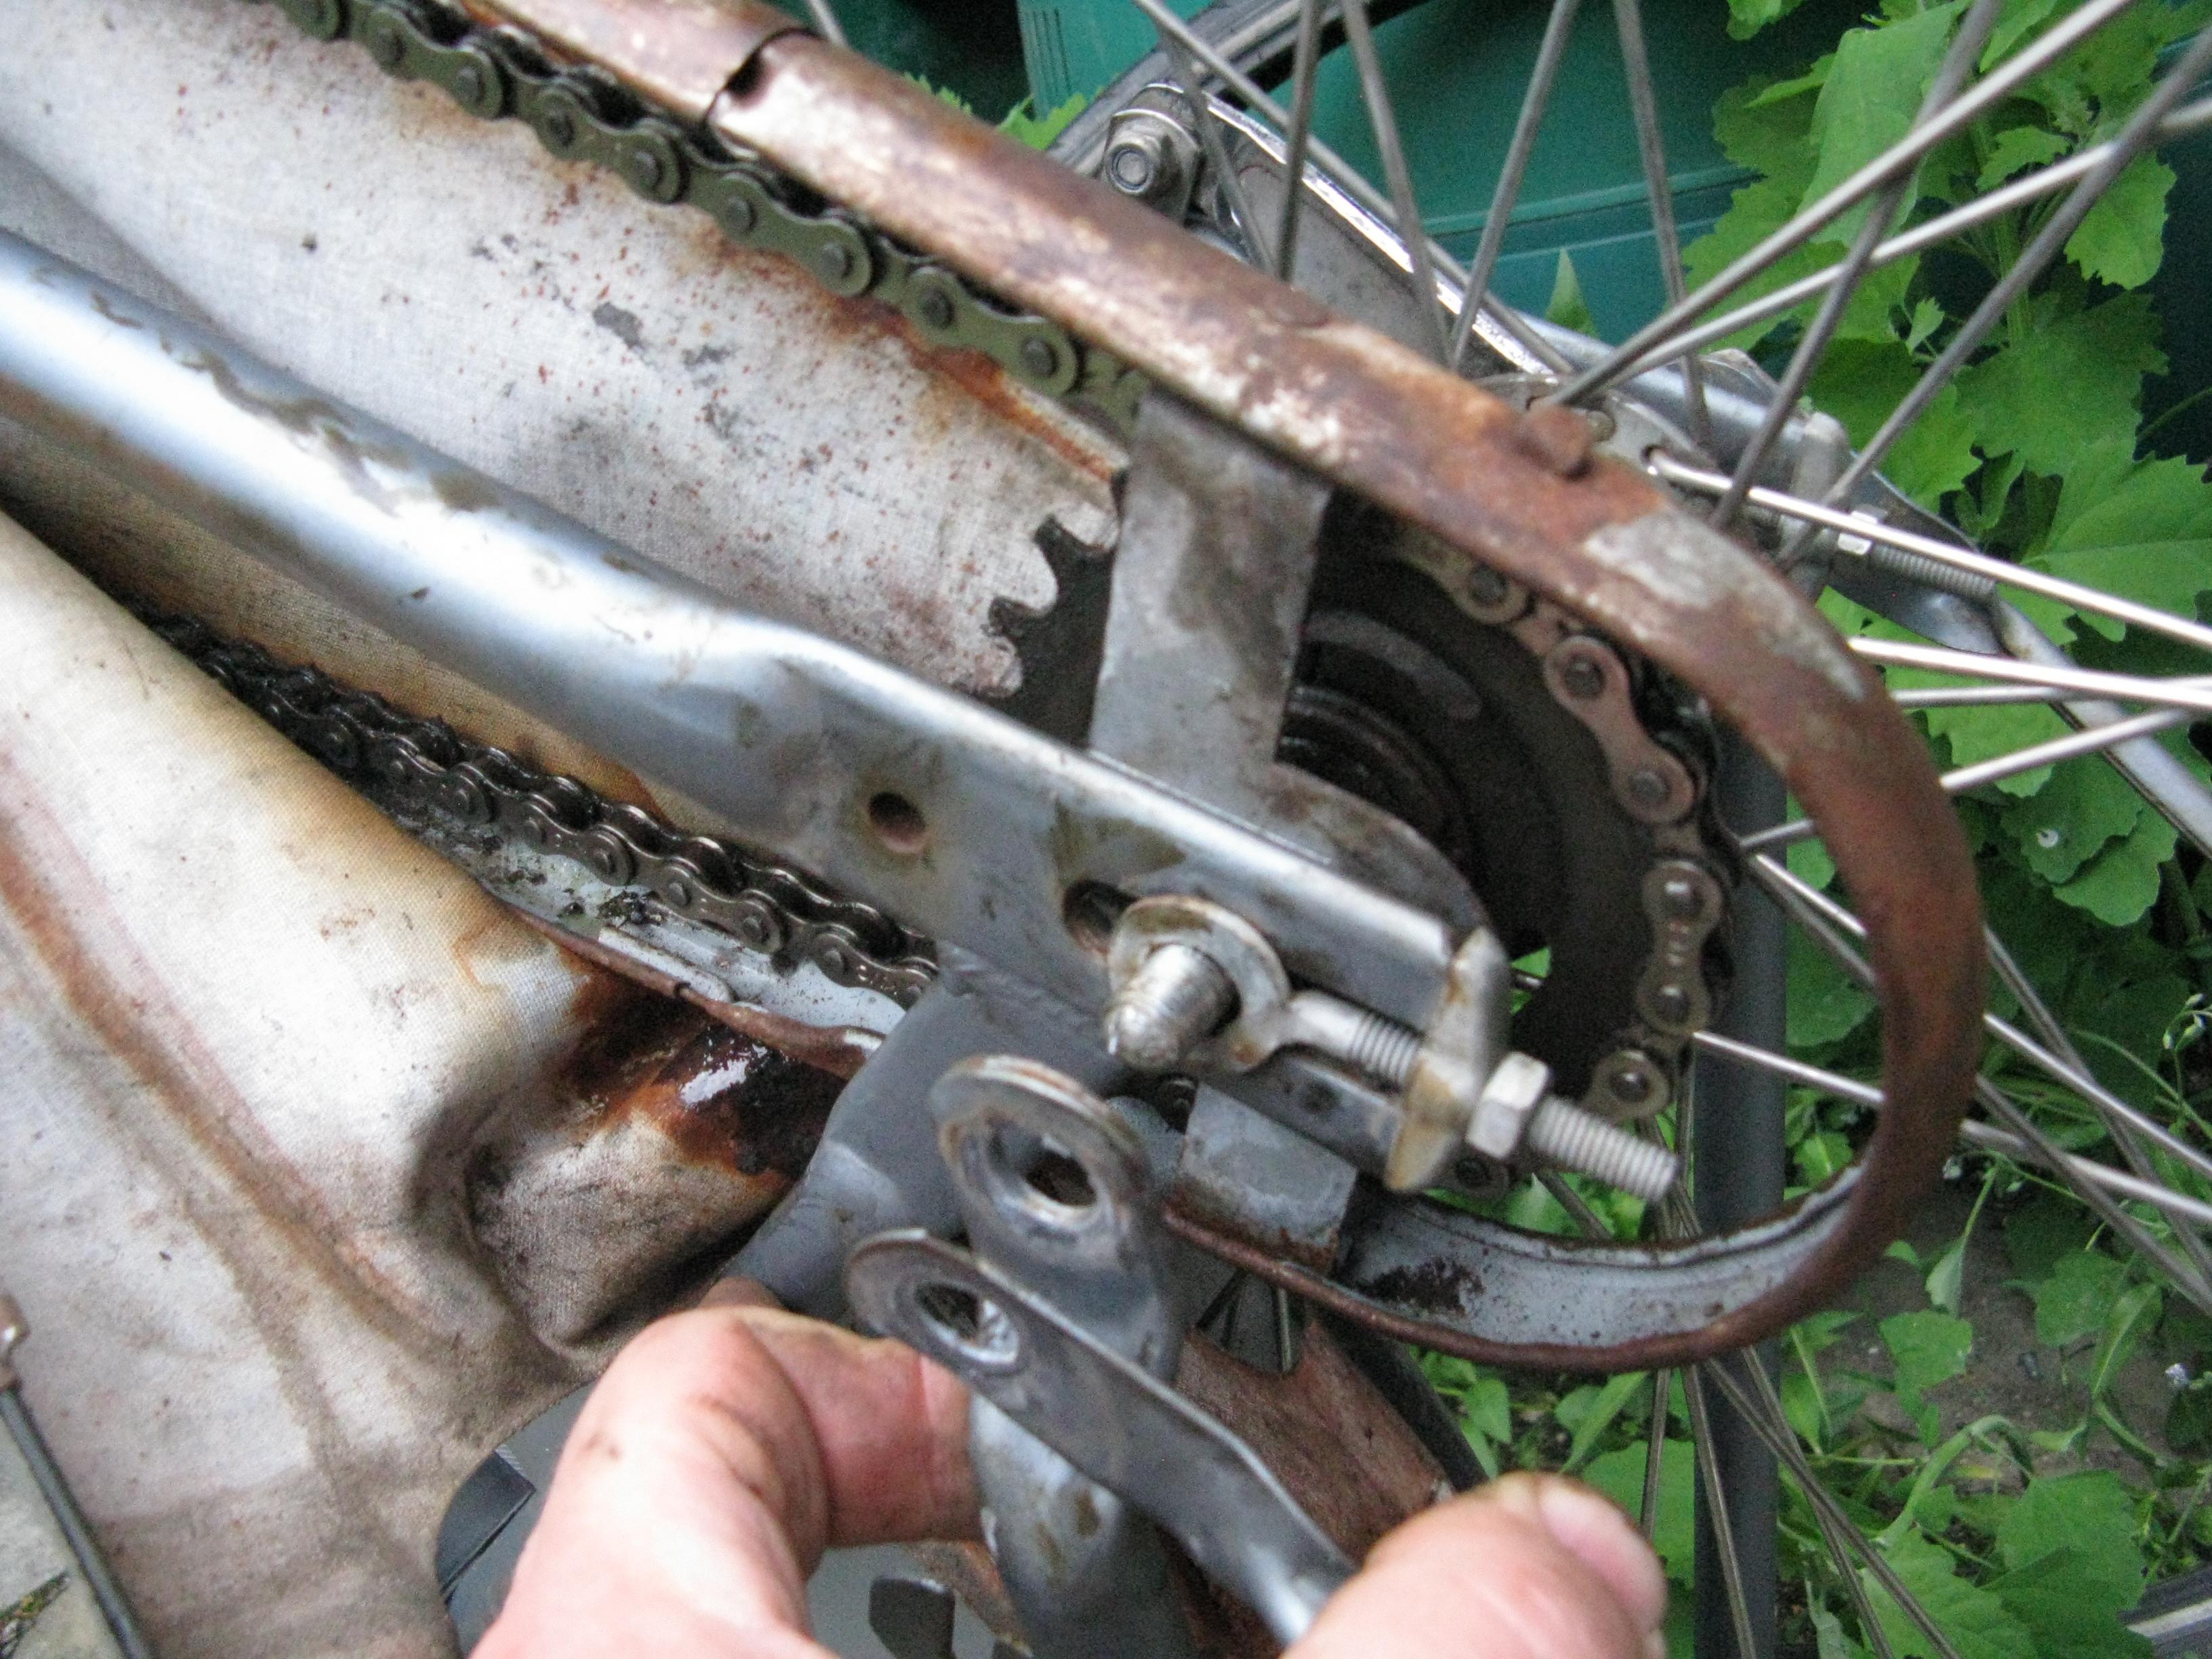 undo wheel axle